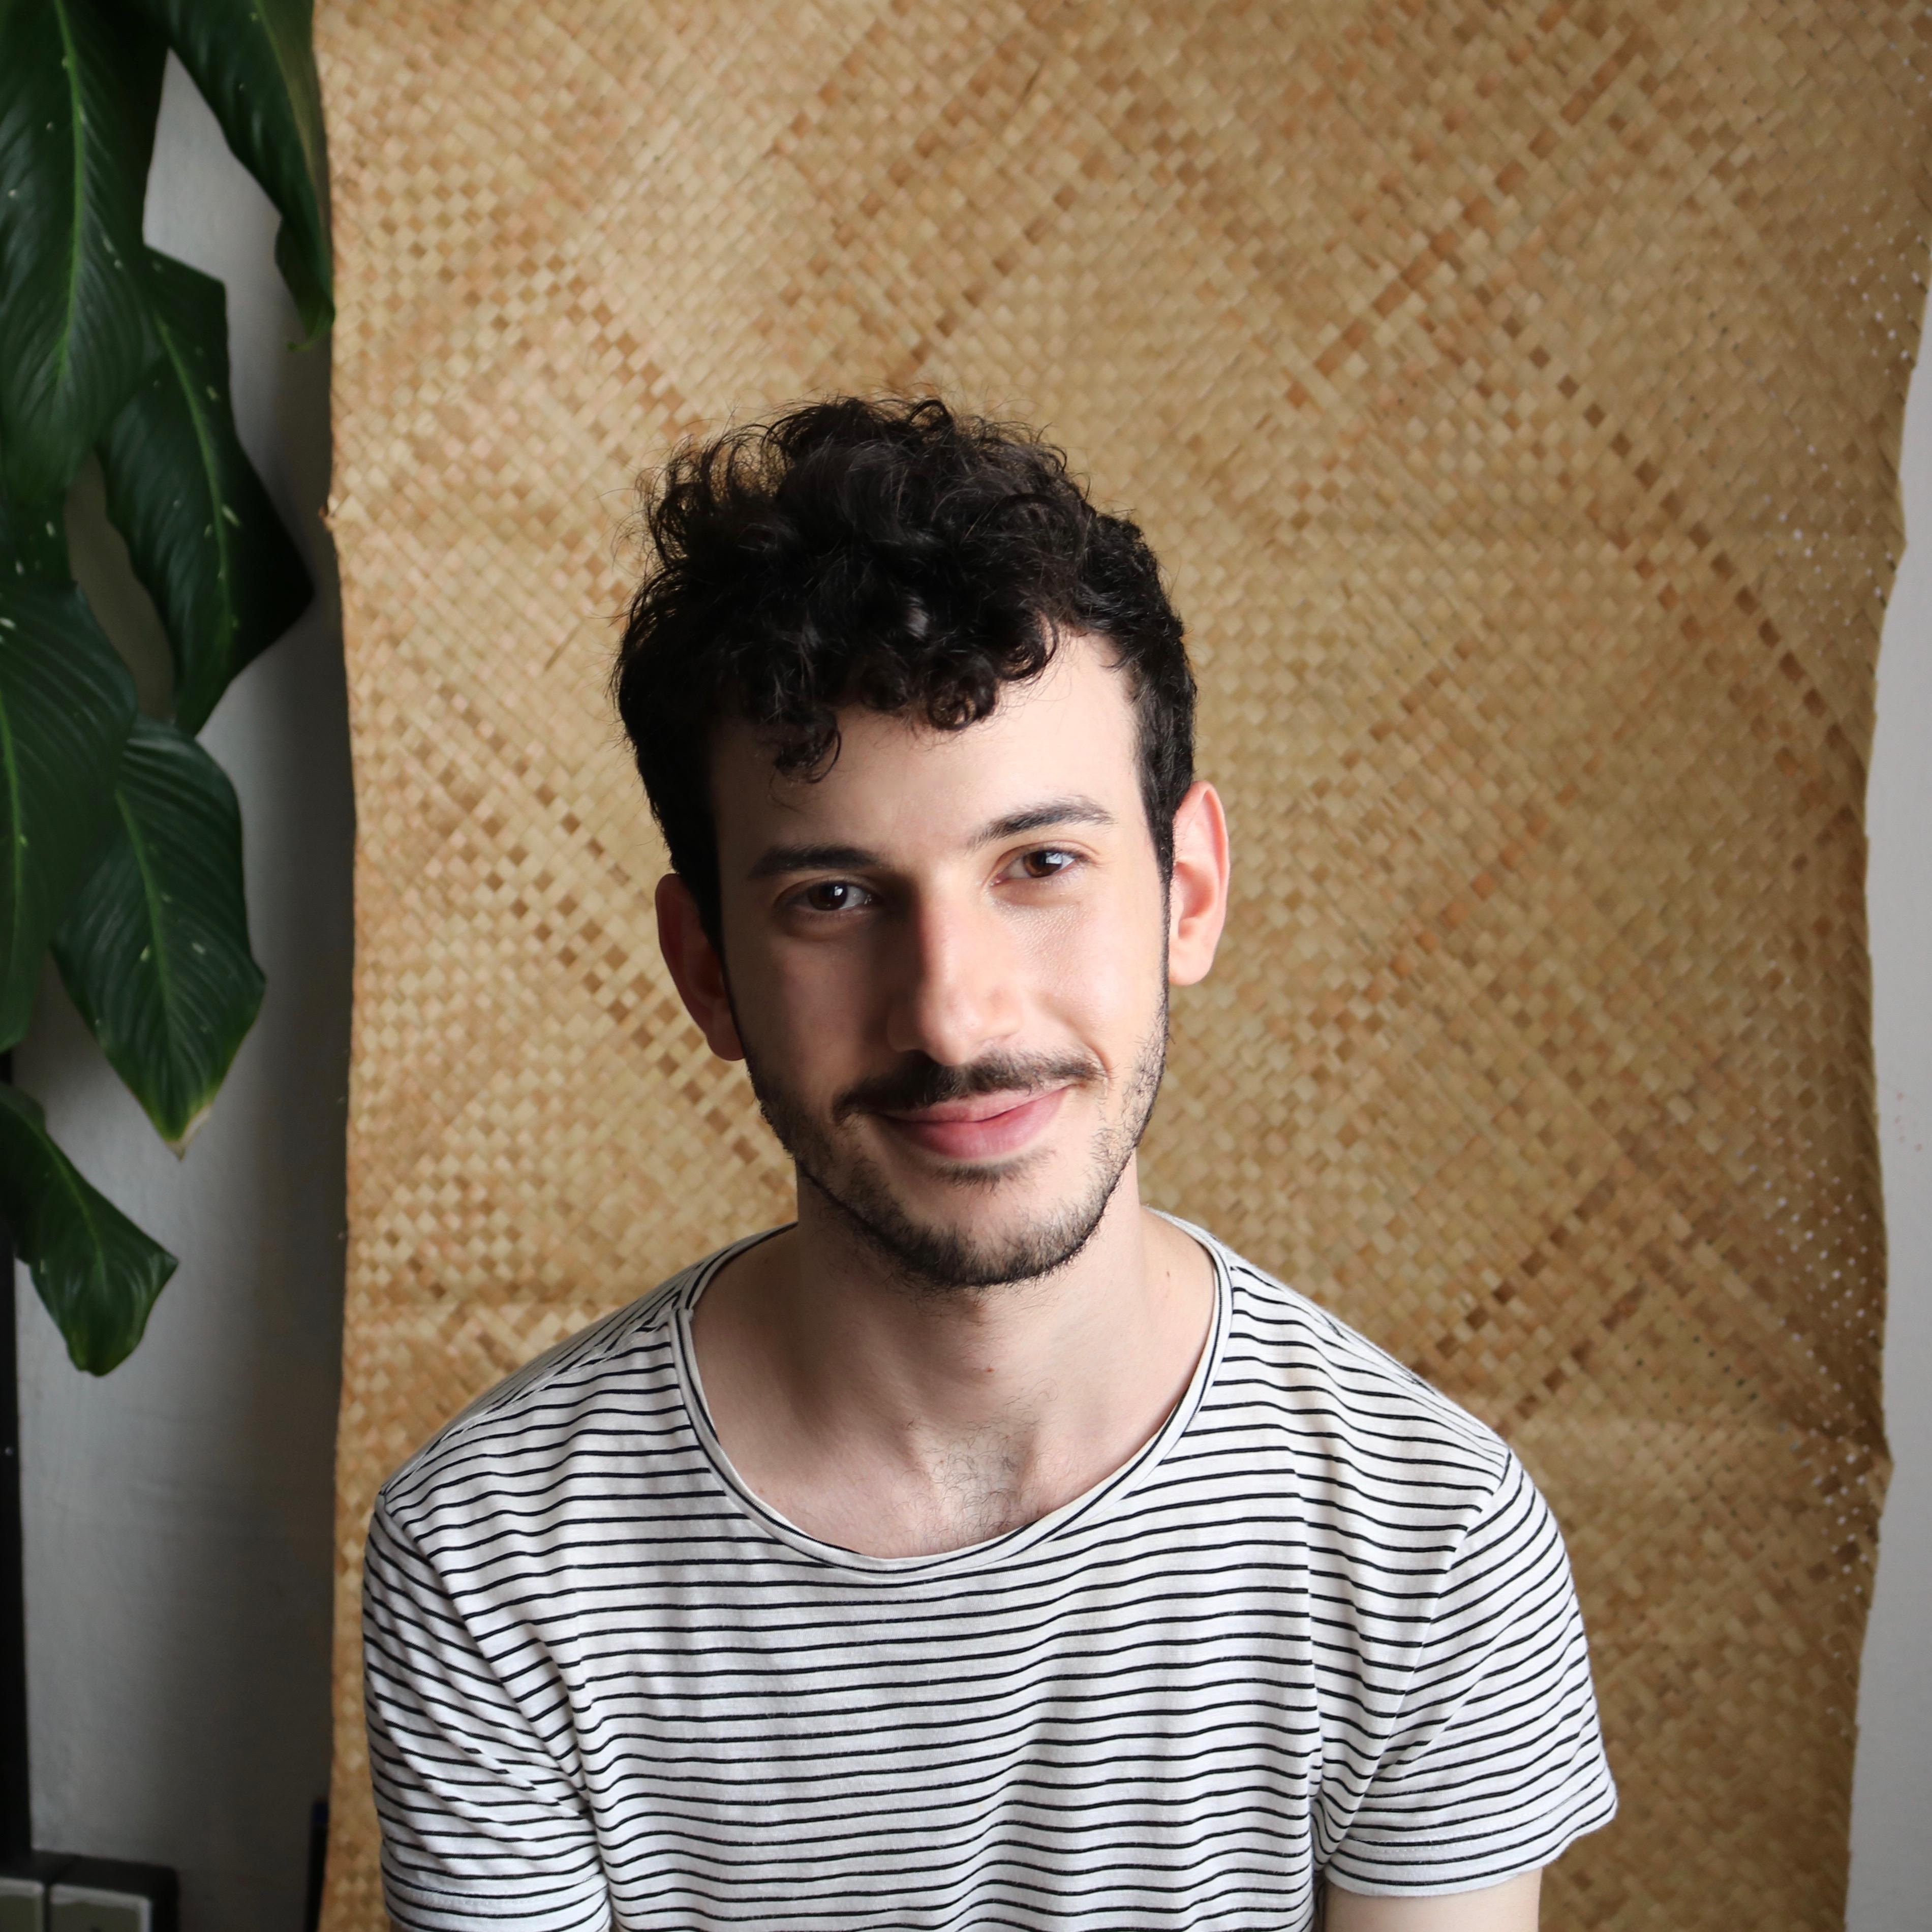 Guilherme de Moraes Mendonça Filho